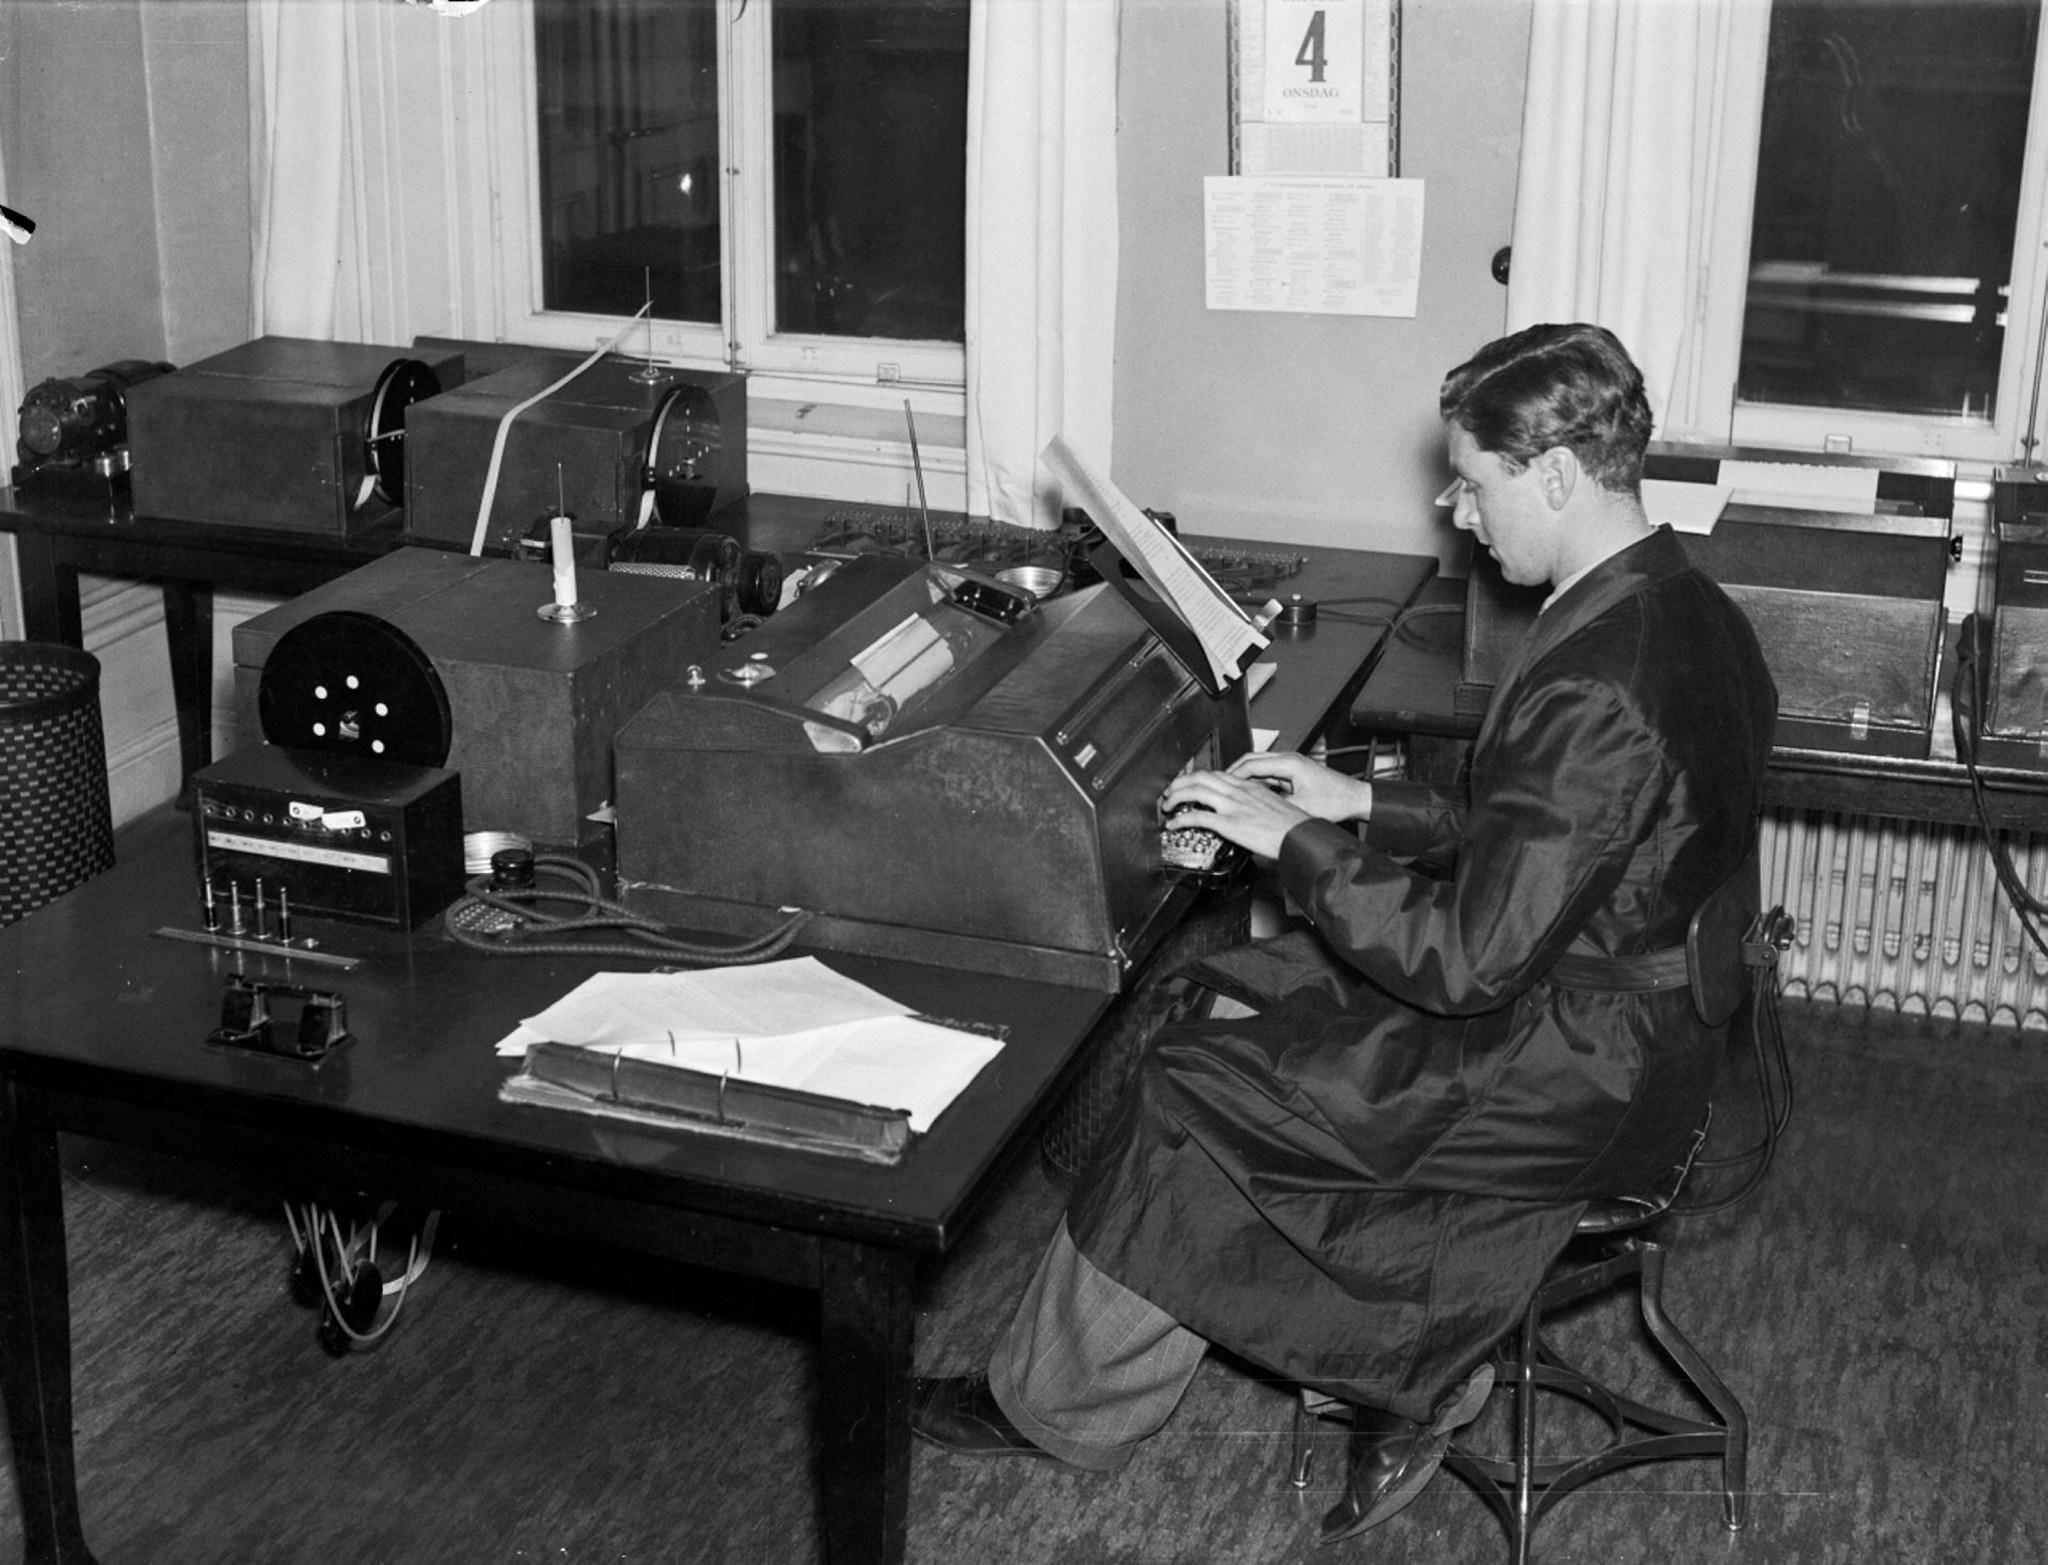 Tidningarnas Telegrambyrå AB (TT). Sändarrummet med apparatur där en man skriver på en teleprinter, 1939. Foto: Okänd (Aftonbladet).